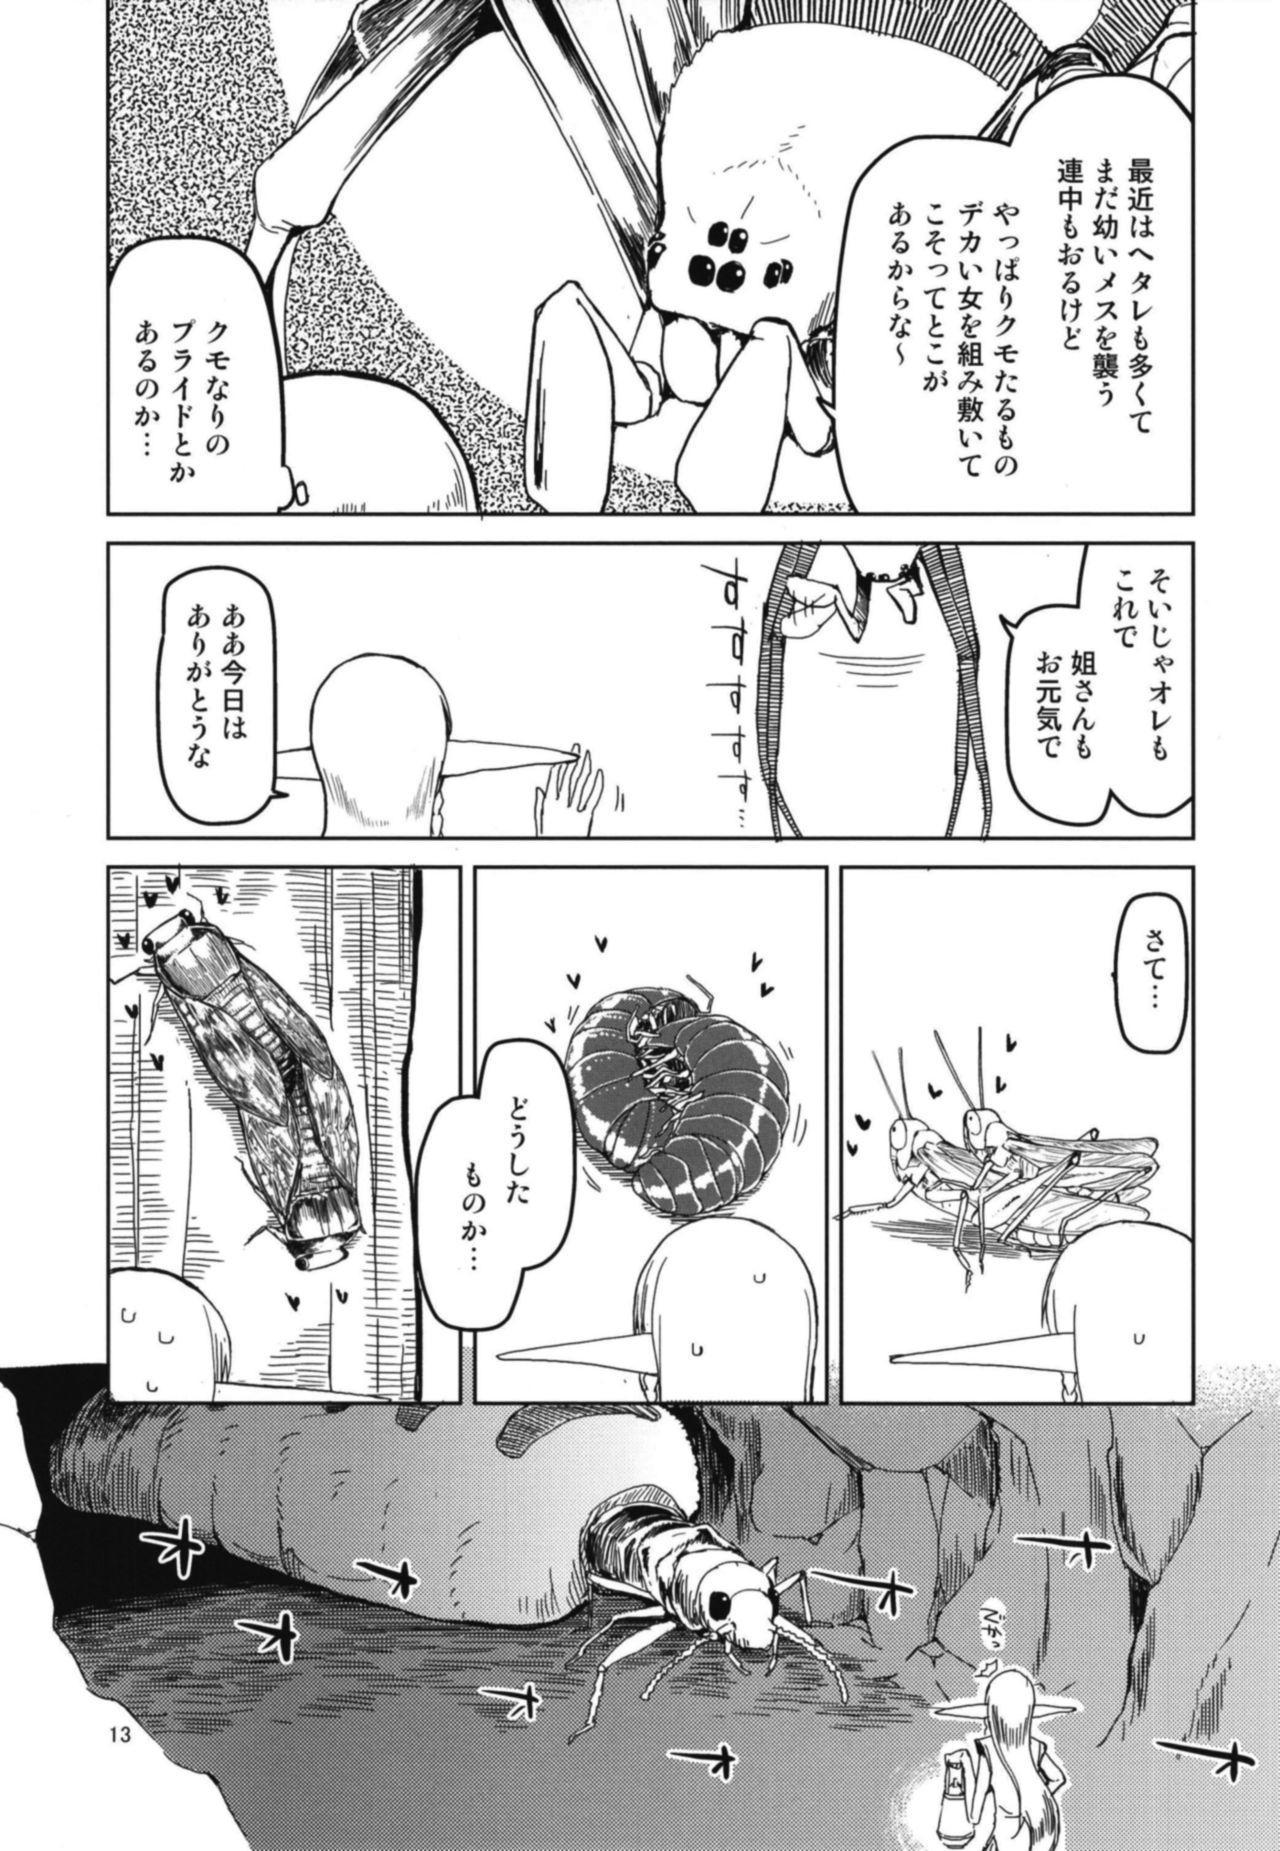 Dosukebe Elf no Ishukan Nikki 5 14